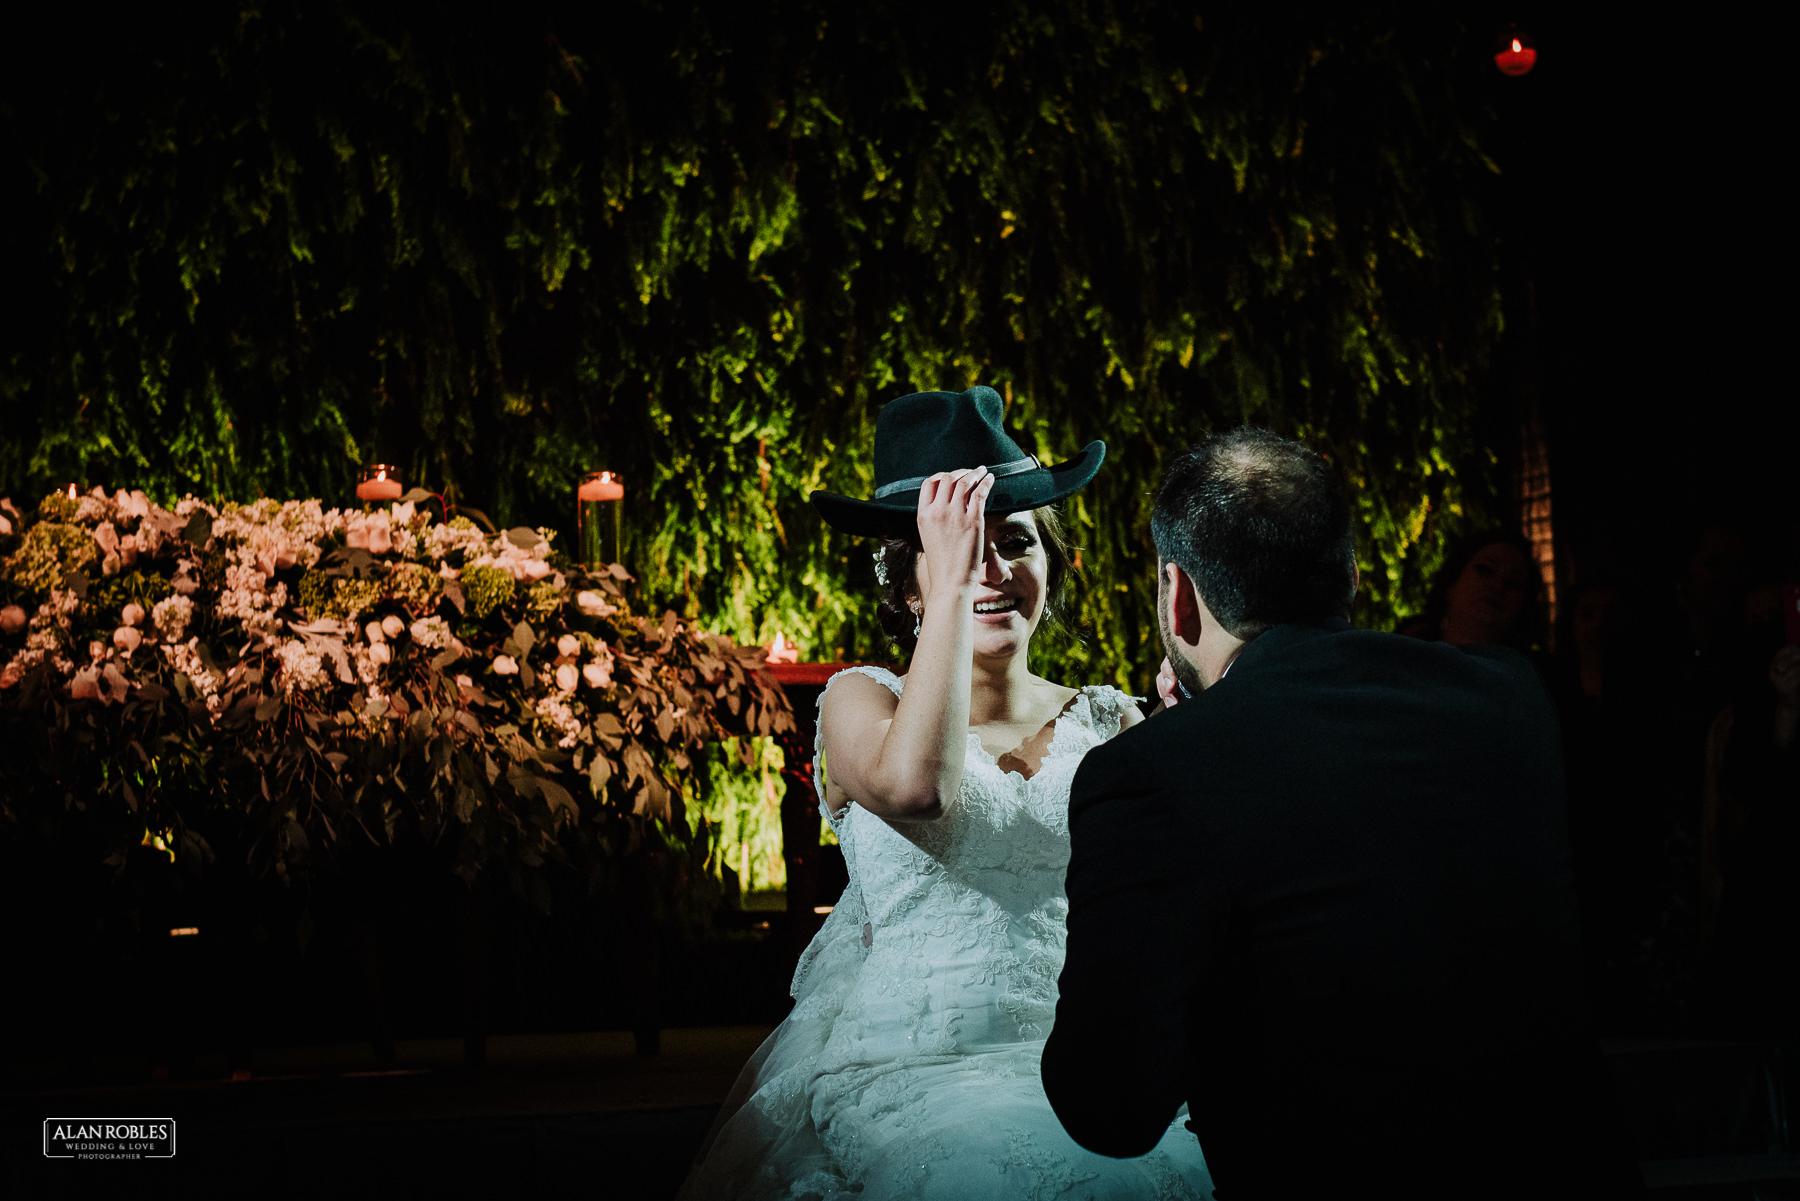 Fotografo de bodas Alan Robles-Casa Clementina Guadalajara DyA-67